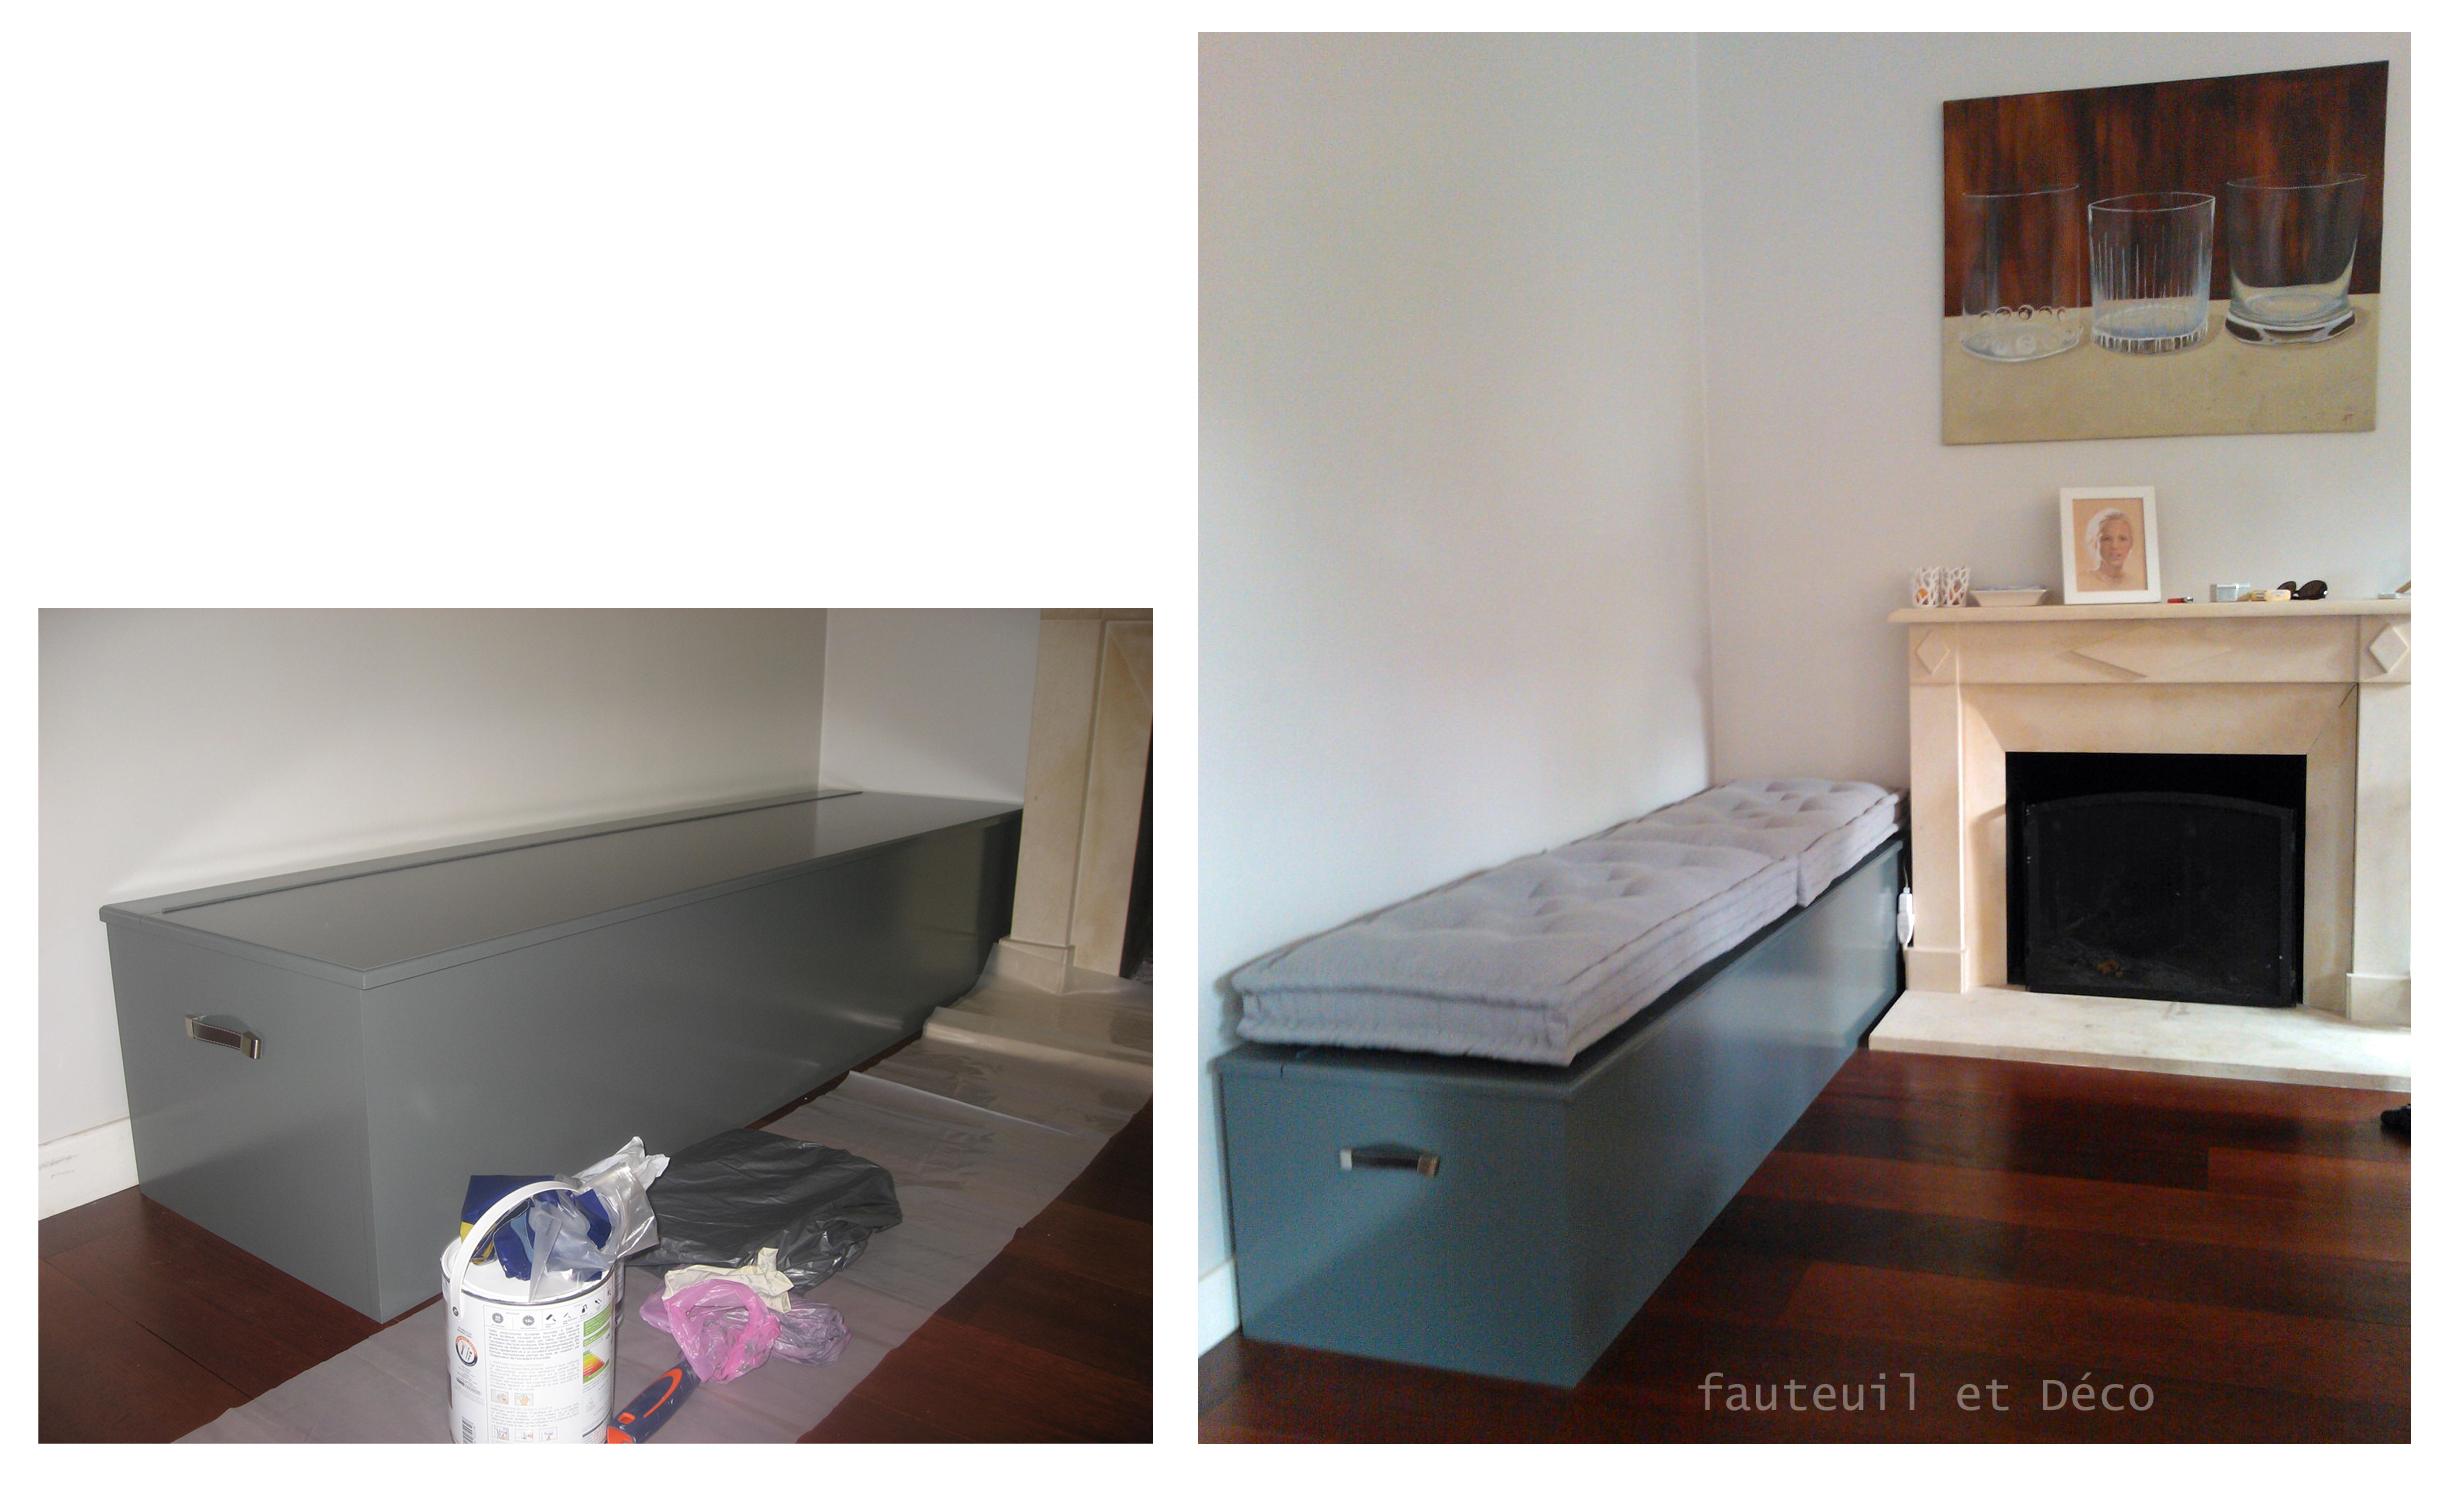 housses de coussins et de canap s fauteuil d co. Black Bedroom Furniture Sets. Home Design Ideas